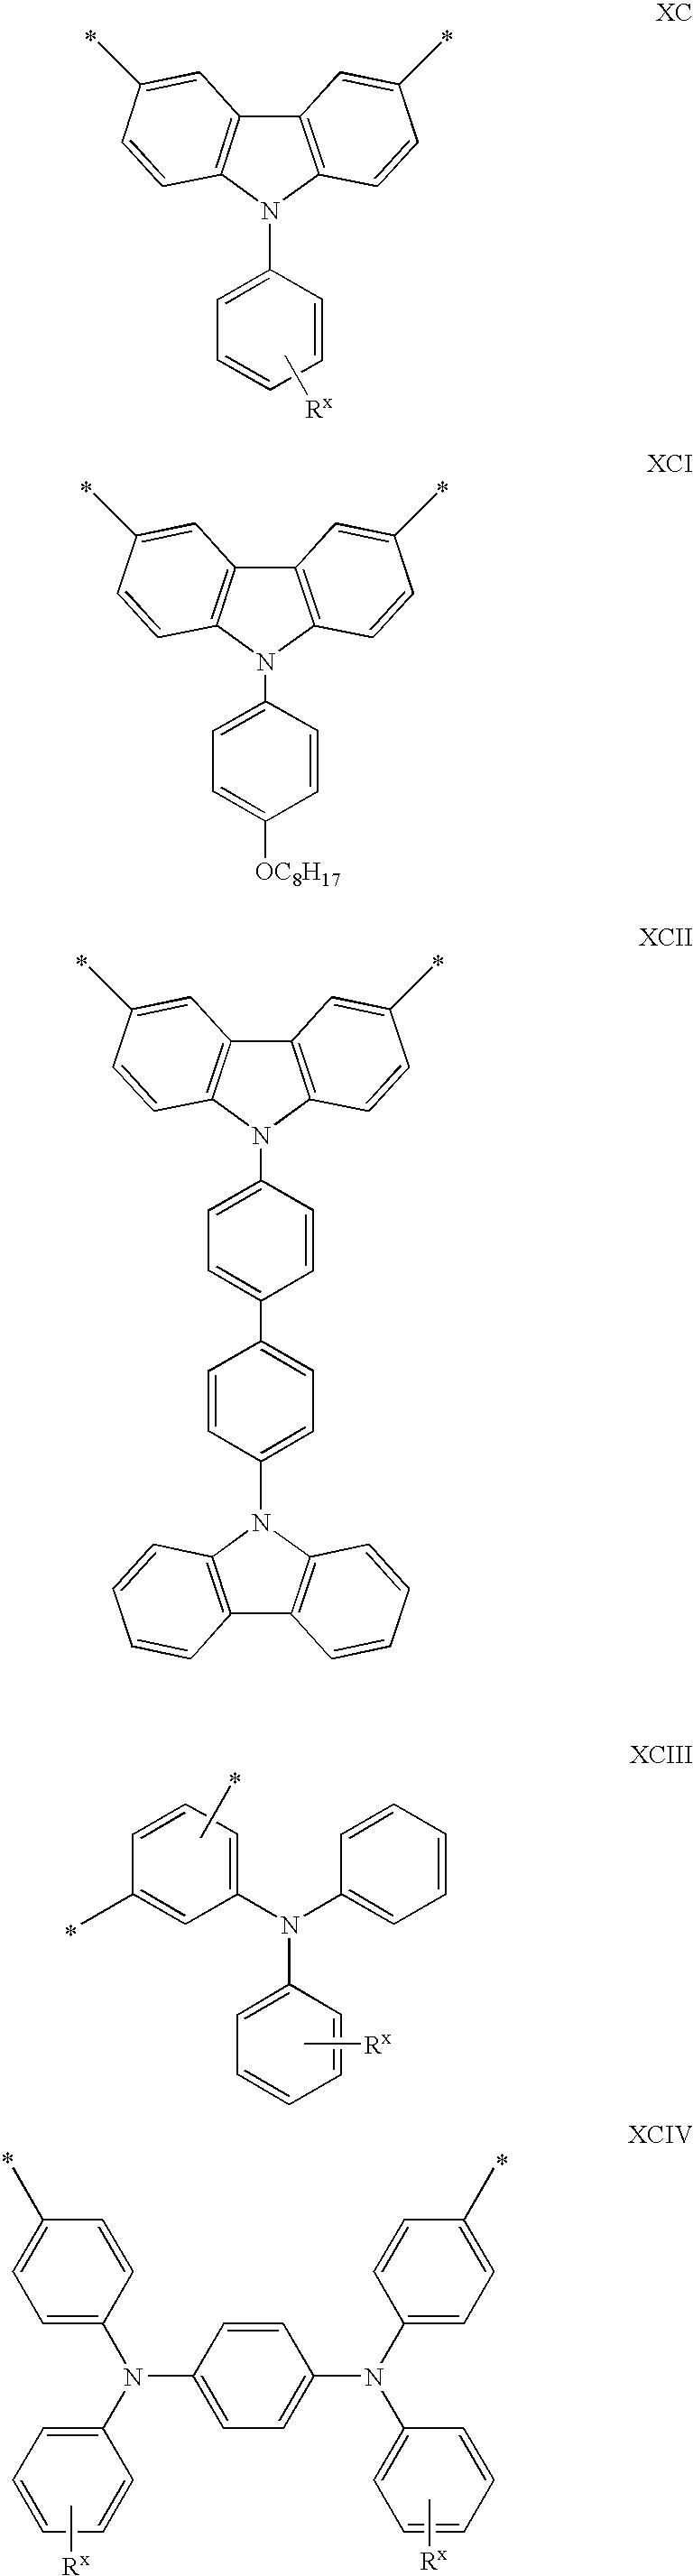 Figure US20040062930A1-20040401-C00022